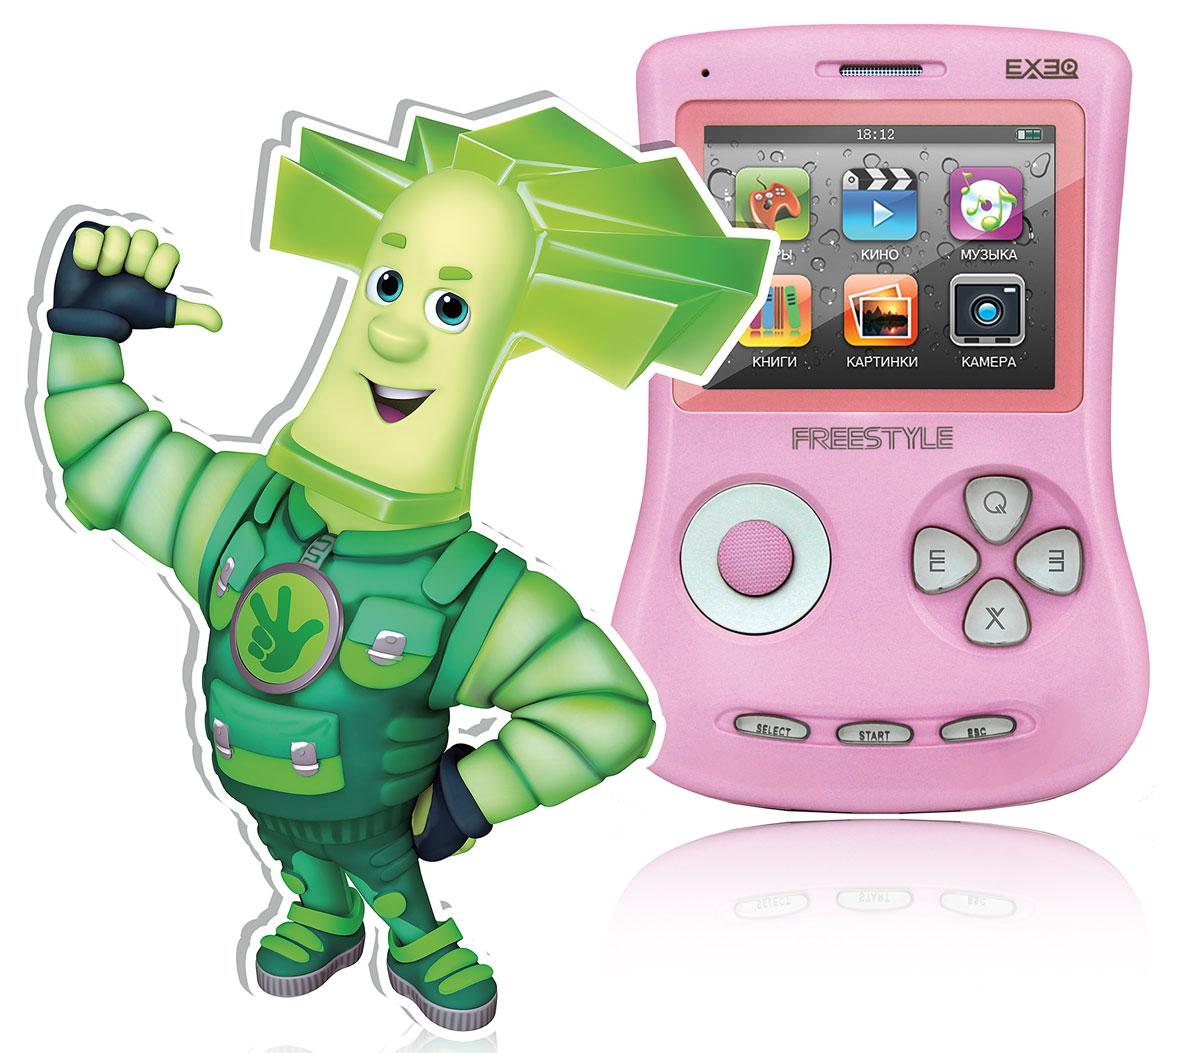 Портативная игровая приставка EXEQ ФикСи FreeStyle 2,7 (розовая)MP-1002 FX_розовыйИгровая Фикси-приставка Freestyle - это универсальная игровая приставка с оригинальным дизайном, LCD-дисплеем в 2,7 дюймов, встроенной памятью на 4 Гб и богатыми мультимедийными возможностями! Фикси-приставка воспроизводит любые игрушки на 8, 16 и 32 бита, которые можно свободно и бесплатно скачать из интернета или же довольствоваться 700 встроенными играми. А когда игры наскучат, Freestyle развлечет вас музыкой (поддерживаются MP3, FLAC, APE и другие), видео (в большинстве популярных форматов, включая MP4, AVI) или чтением электронных книг. В арсенале приставки предусмотрены даже FM-радио и 1,3 Мпикс камера! И еще один немаловажный аргумент - наличие видеовыхода на телевизор с RCA-кабелем в комплекте! Также игровая Фикси-приставка Freestyle имеет специальный пакет приложений от Фиксиков: 12 серий сериала Фиксики (4 новинки), 6 видеоклипов и несколько Фиксипелок.В январе 2015 г. специальный пакет приложений от Фиксиков пополнила 16-ти битная игра под одноименным названием - Фиксики! Стоит отметить, что новые приключения популярных героев в 16-битном формате доступны только на Фикси-приставках ГК Проявляй эмоции. Одной из таких приставок является Exeq Freestyle. Дисплей: 2,7 LCD с разрешением 320х240 точекВстроенная память: 4 ГбИсточник питания: Аккумулятор Lion емкостью 900 мАчВремя работы без подзарядки: около 6 часовРазъемы: AV-выход (видео + аудио), PAL/NTSC, выход для наушников, USBКарты памяти: MicroSD, объемом до 16 ГбЗарядка: через сетевой адаптер или от ПК через USBАудио: MP3, WMA, WMA, AAC, FLAC, APE и другие музыкальные форматыВидео: RRM, RMVB, AVI, FLV, 3GP, MP4, ASF, WAV, DAT, MPG и другие видео форматыИзображения: JPEG, BMP, GIF, PNG, полноэкранный просмотр, слайд-шоуЭлектронная книга: ТХТИгры: 8, 16, 32 бит, NES, SMD, GBA, GBC, GB, SMC, BINКамера: фото/видео-камера, 1,3 МпиксПриложения: предустановленные игры, календарь, часы, калькулятор, секундомер